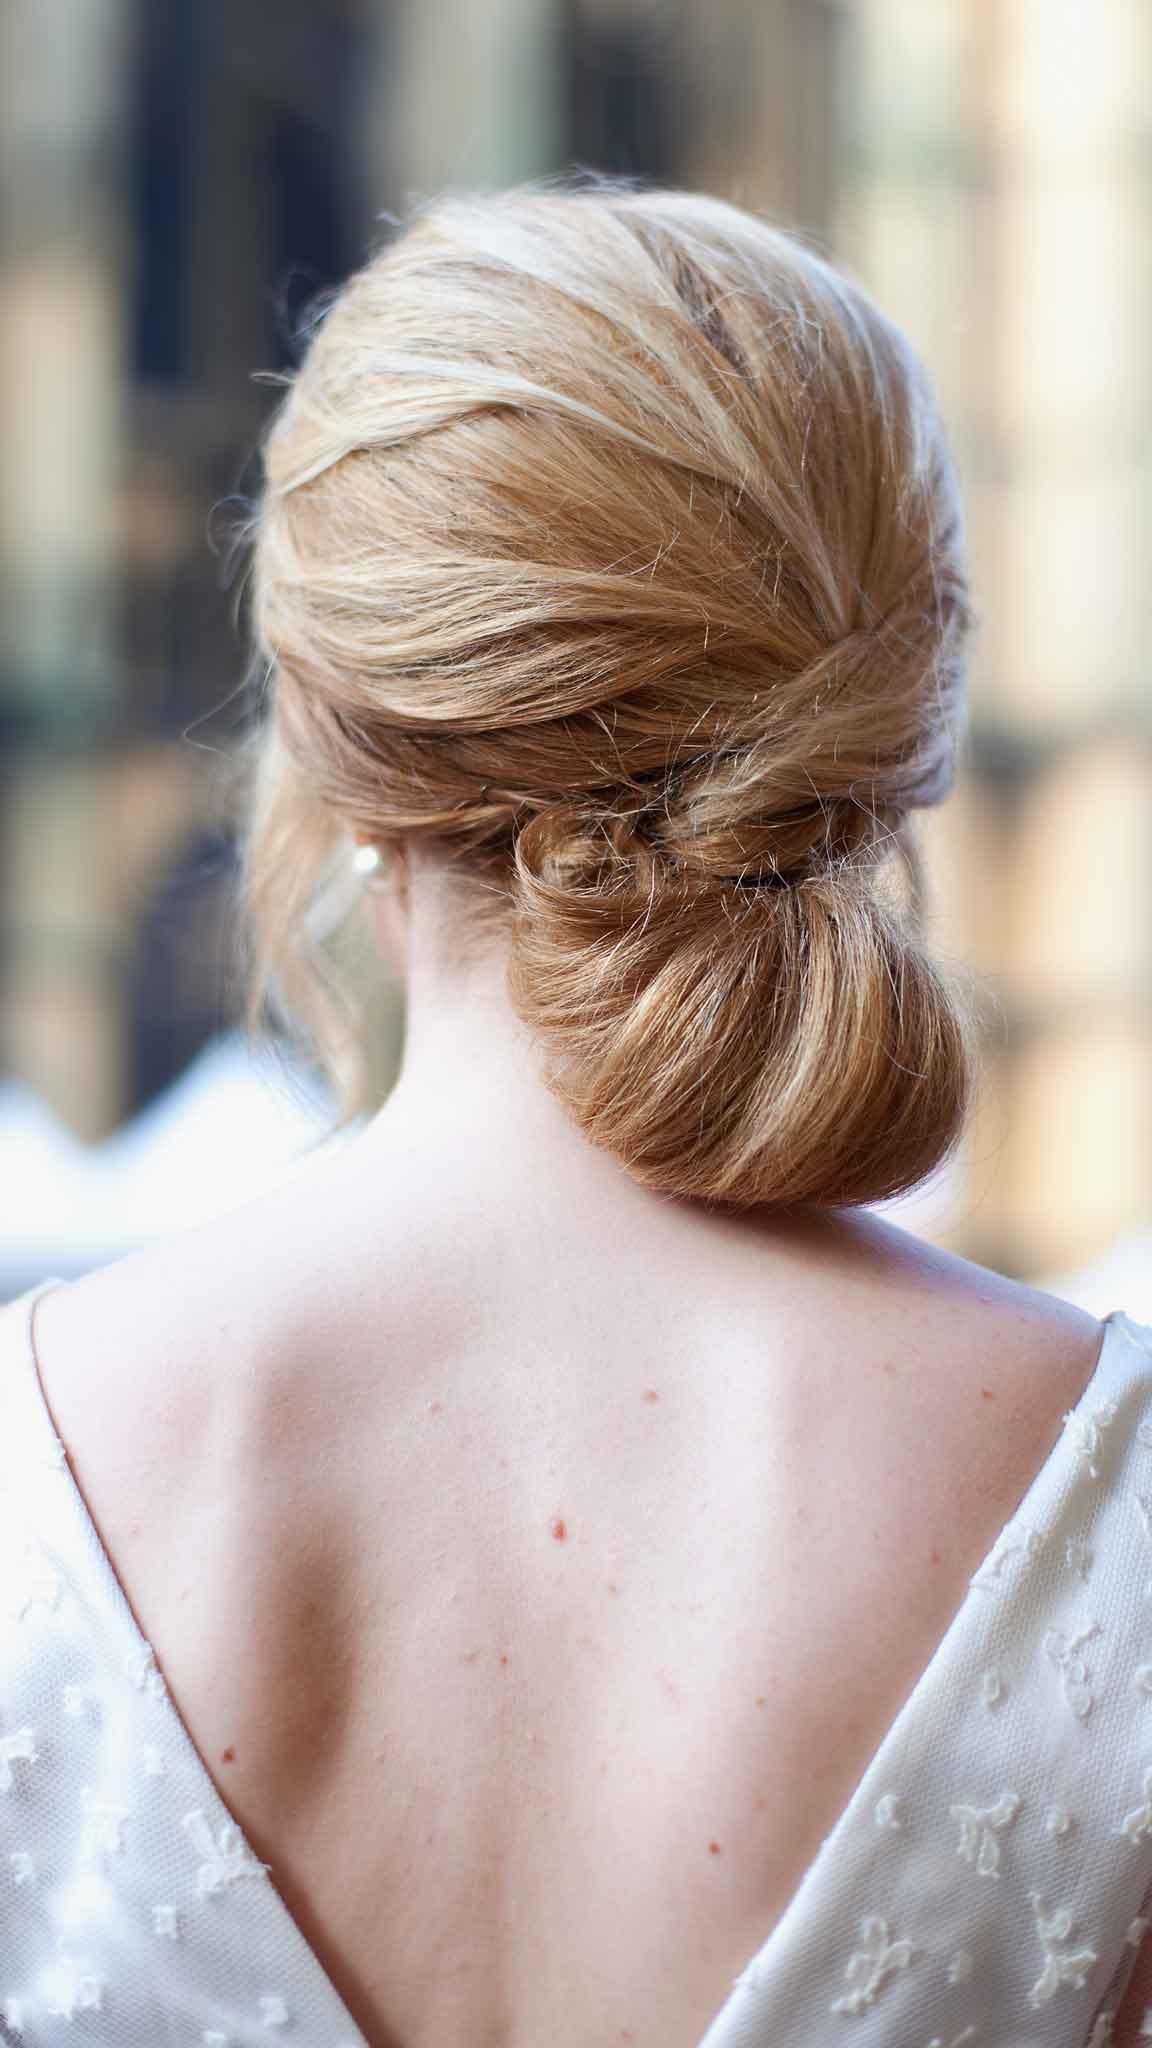 detail coiffure hair cut bride mariee photographe mariage - Coiffeur Mariage Metz